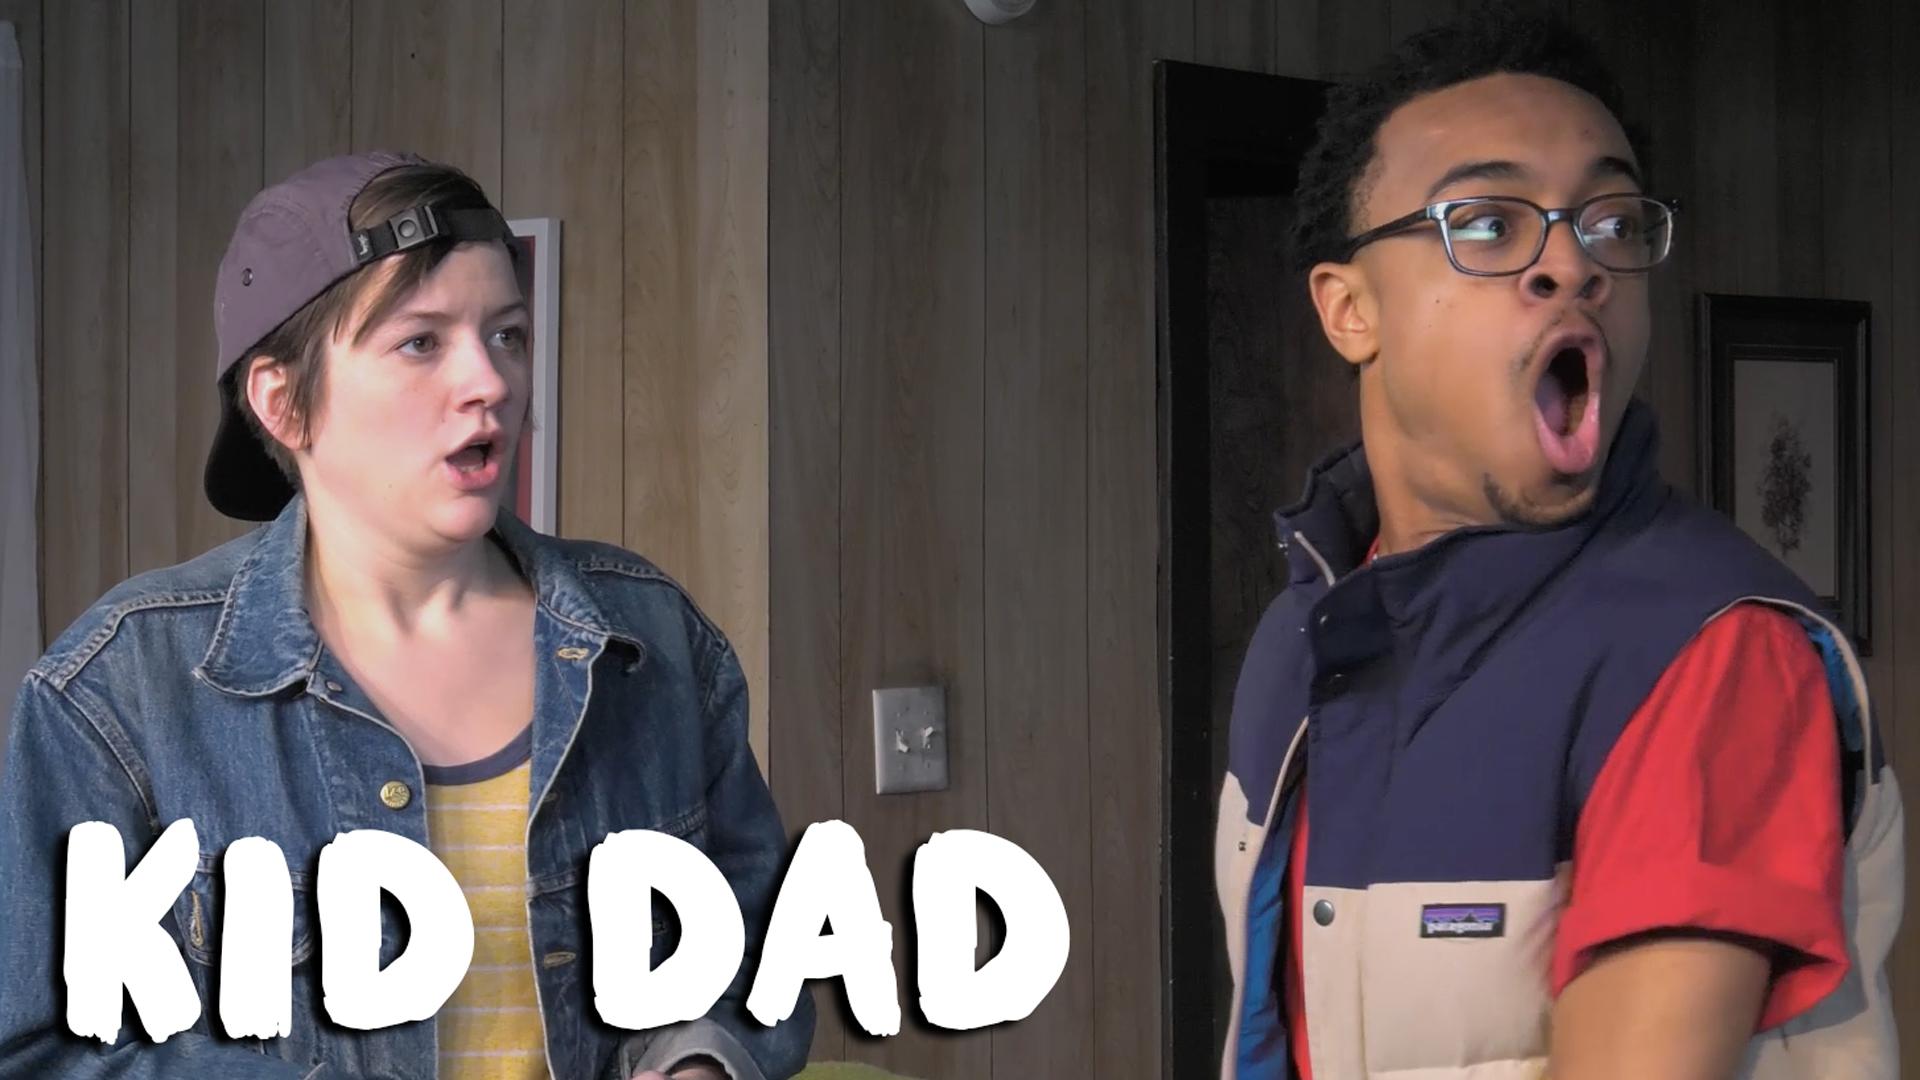 Kid Dad